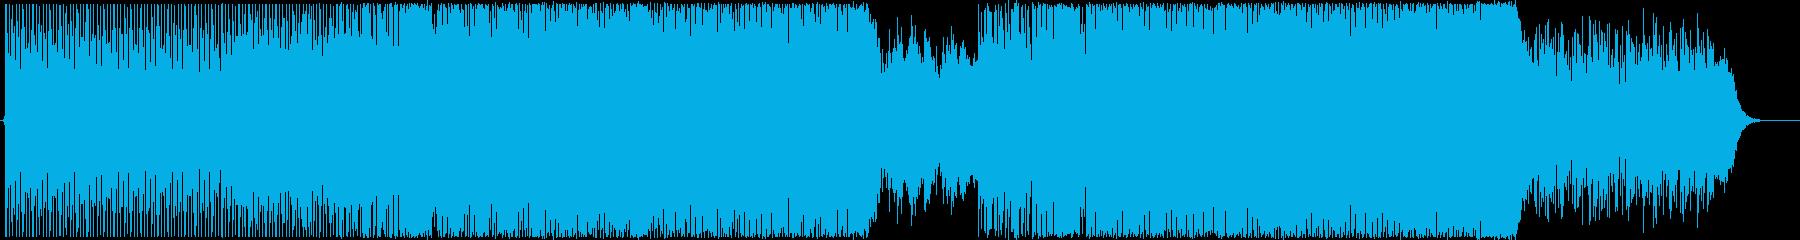 ハイテンポな感動ピアノ+シンセハウスの再生済みの波形